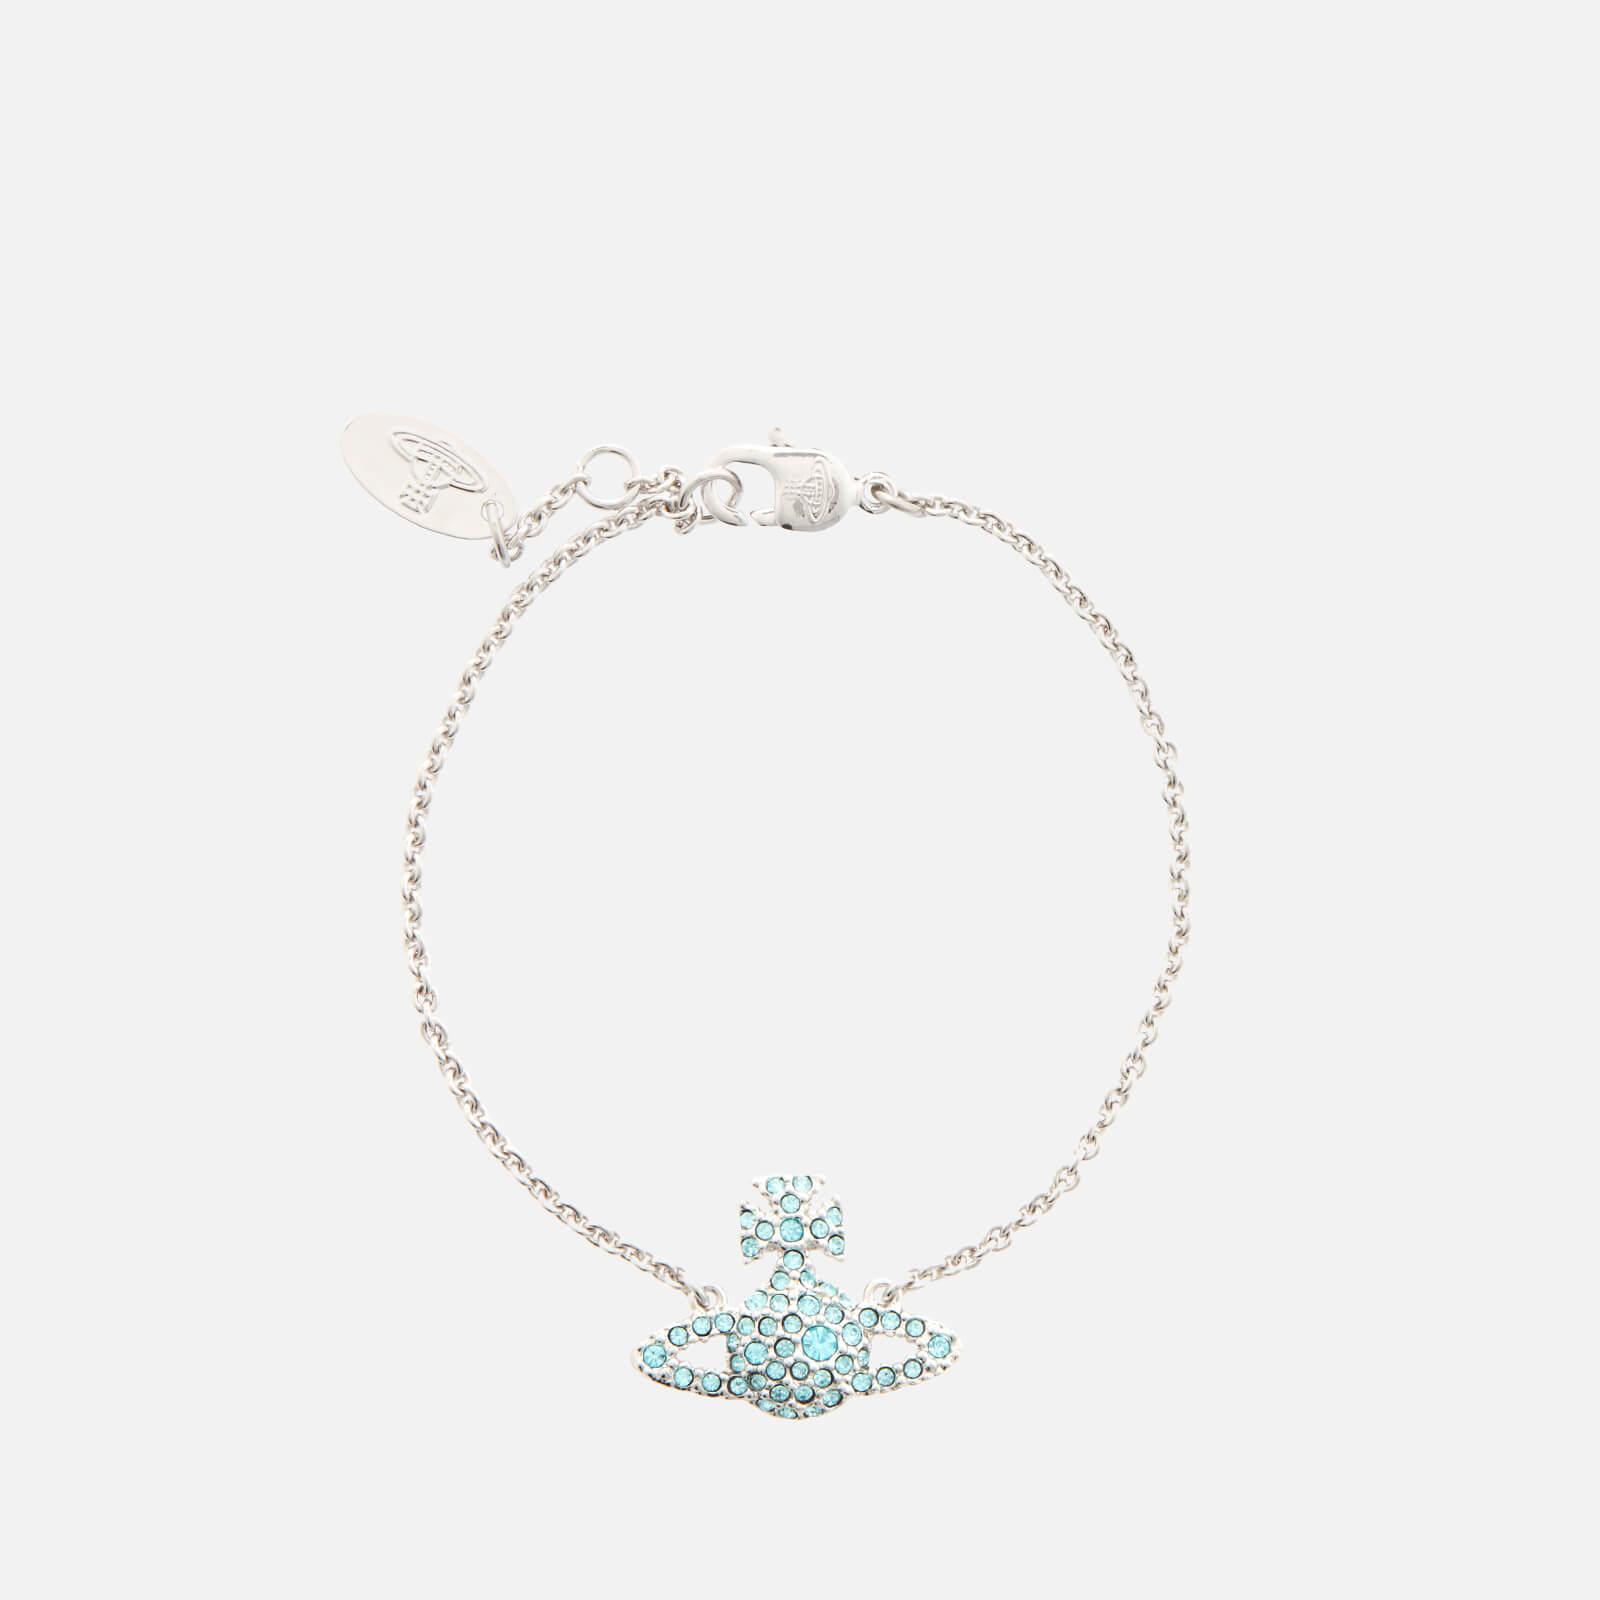 Vivienne Westwood Women's Grace Bas Relief Bracelet - Silver-Tone Aqua Bohemica